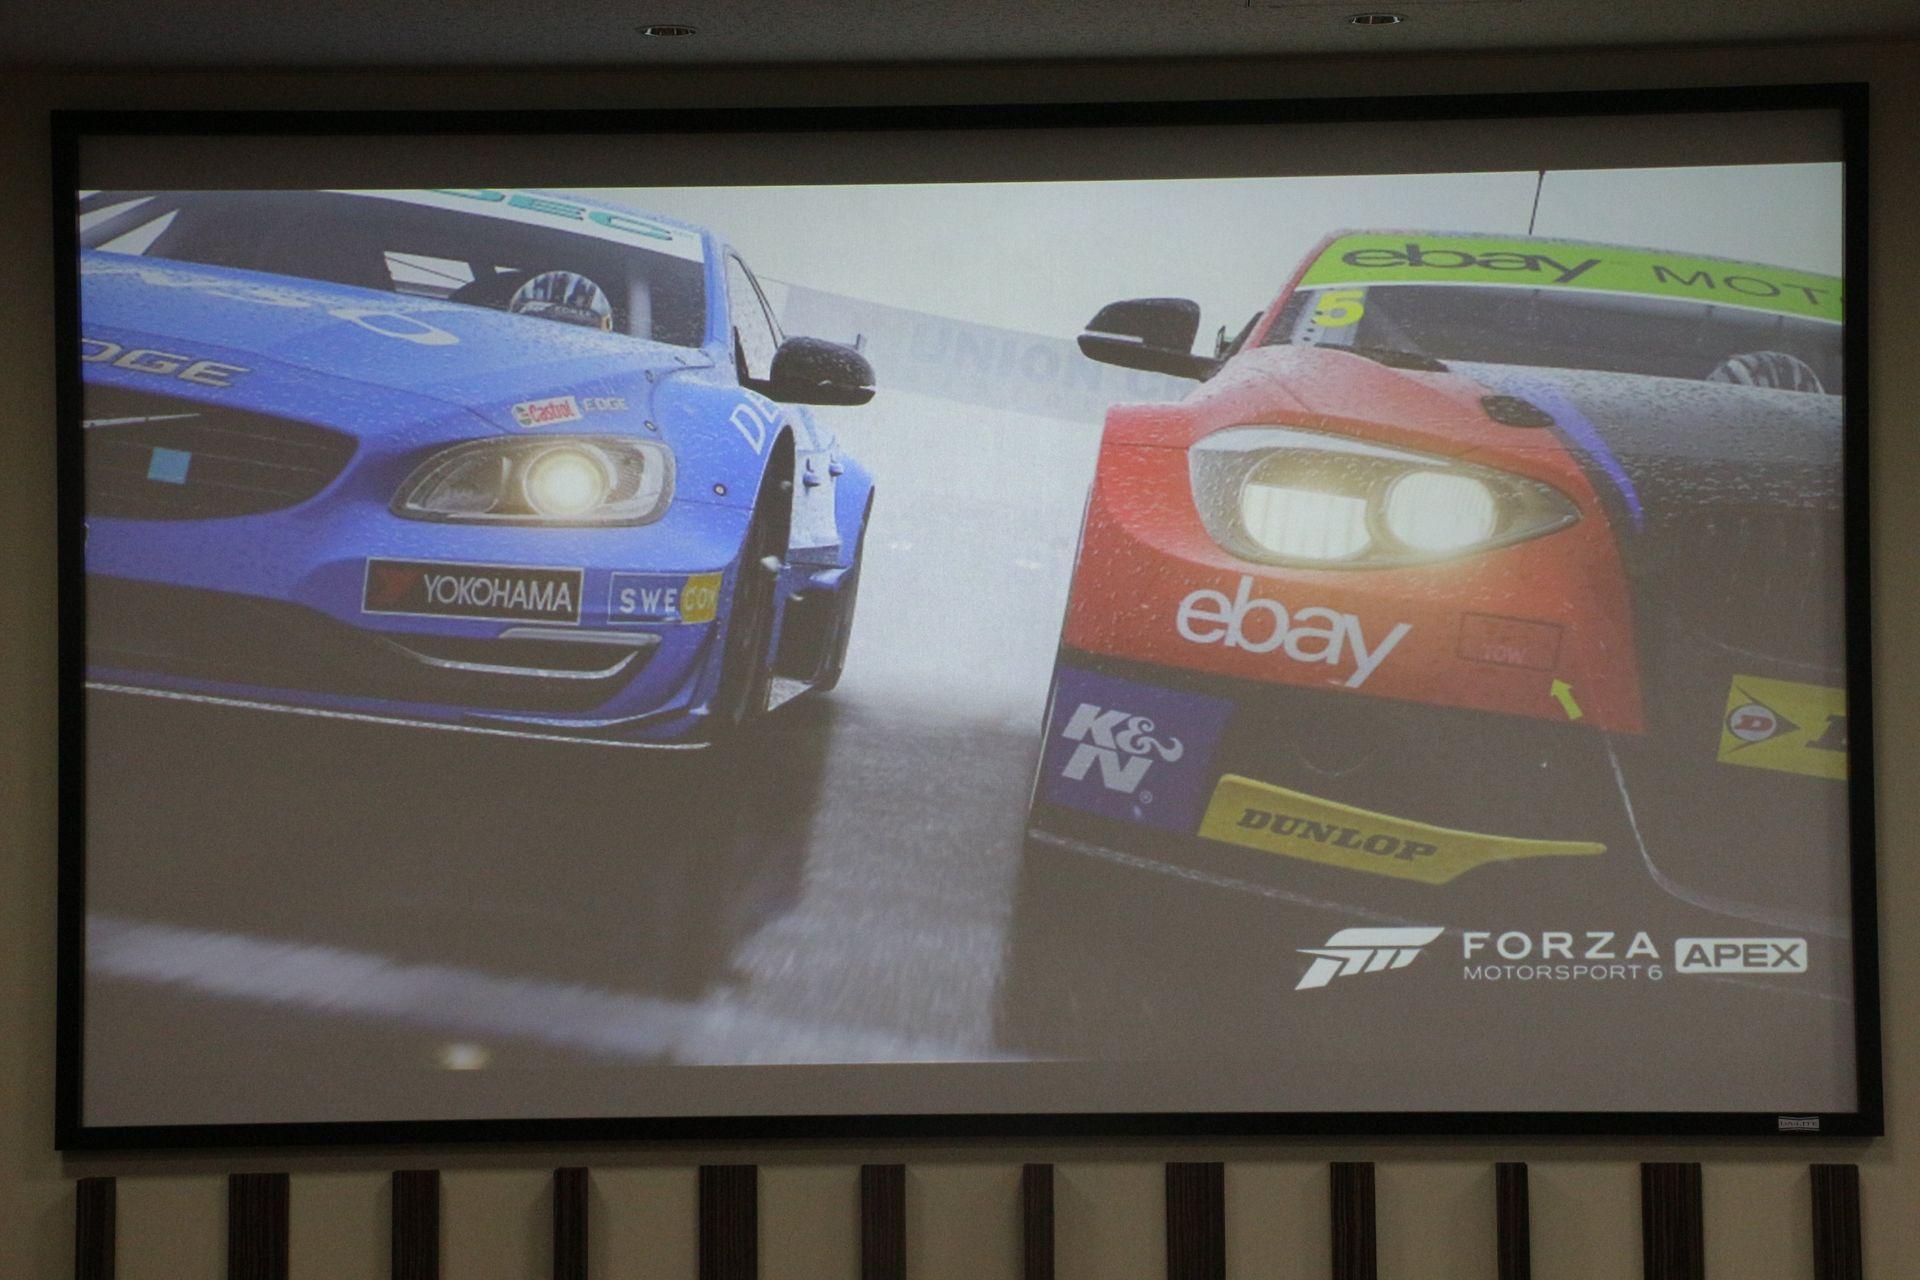 「Forza Motorsport 6: Apex」。「Forza」シリーズ初のWindows版。基本プレイ無料で今春リリース予定